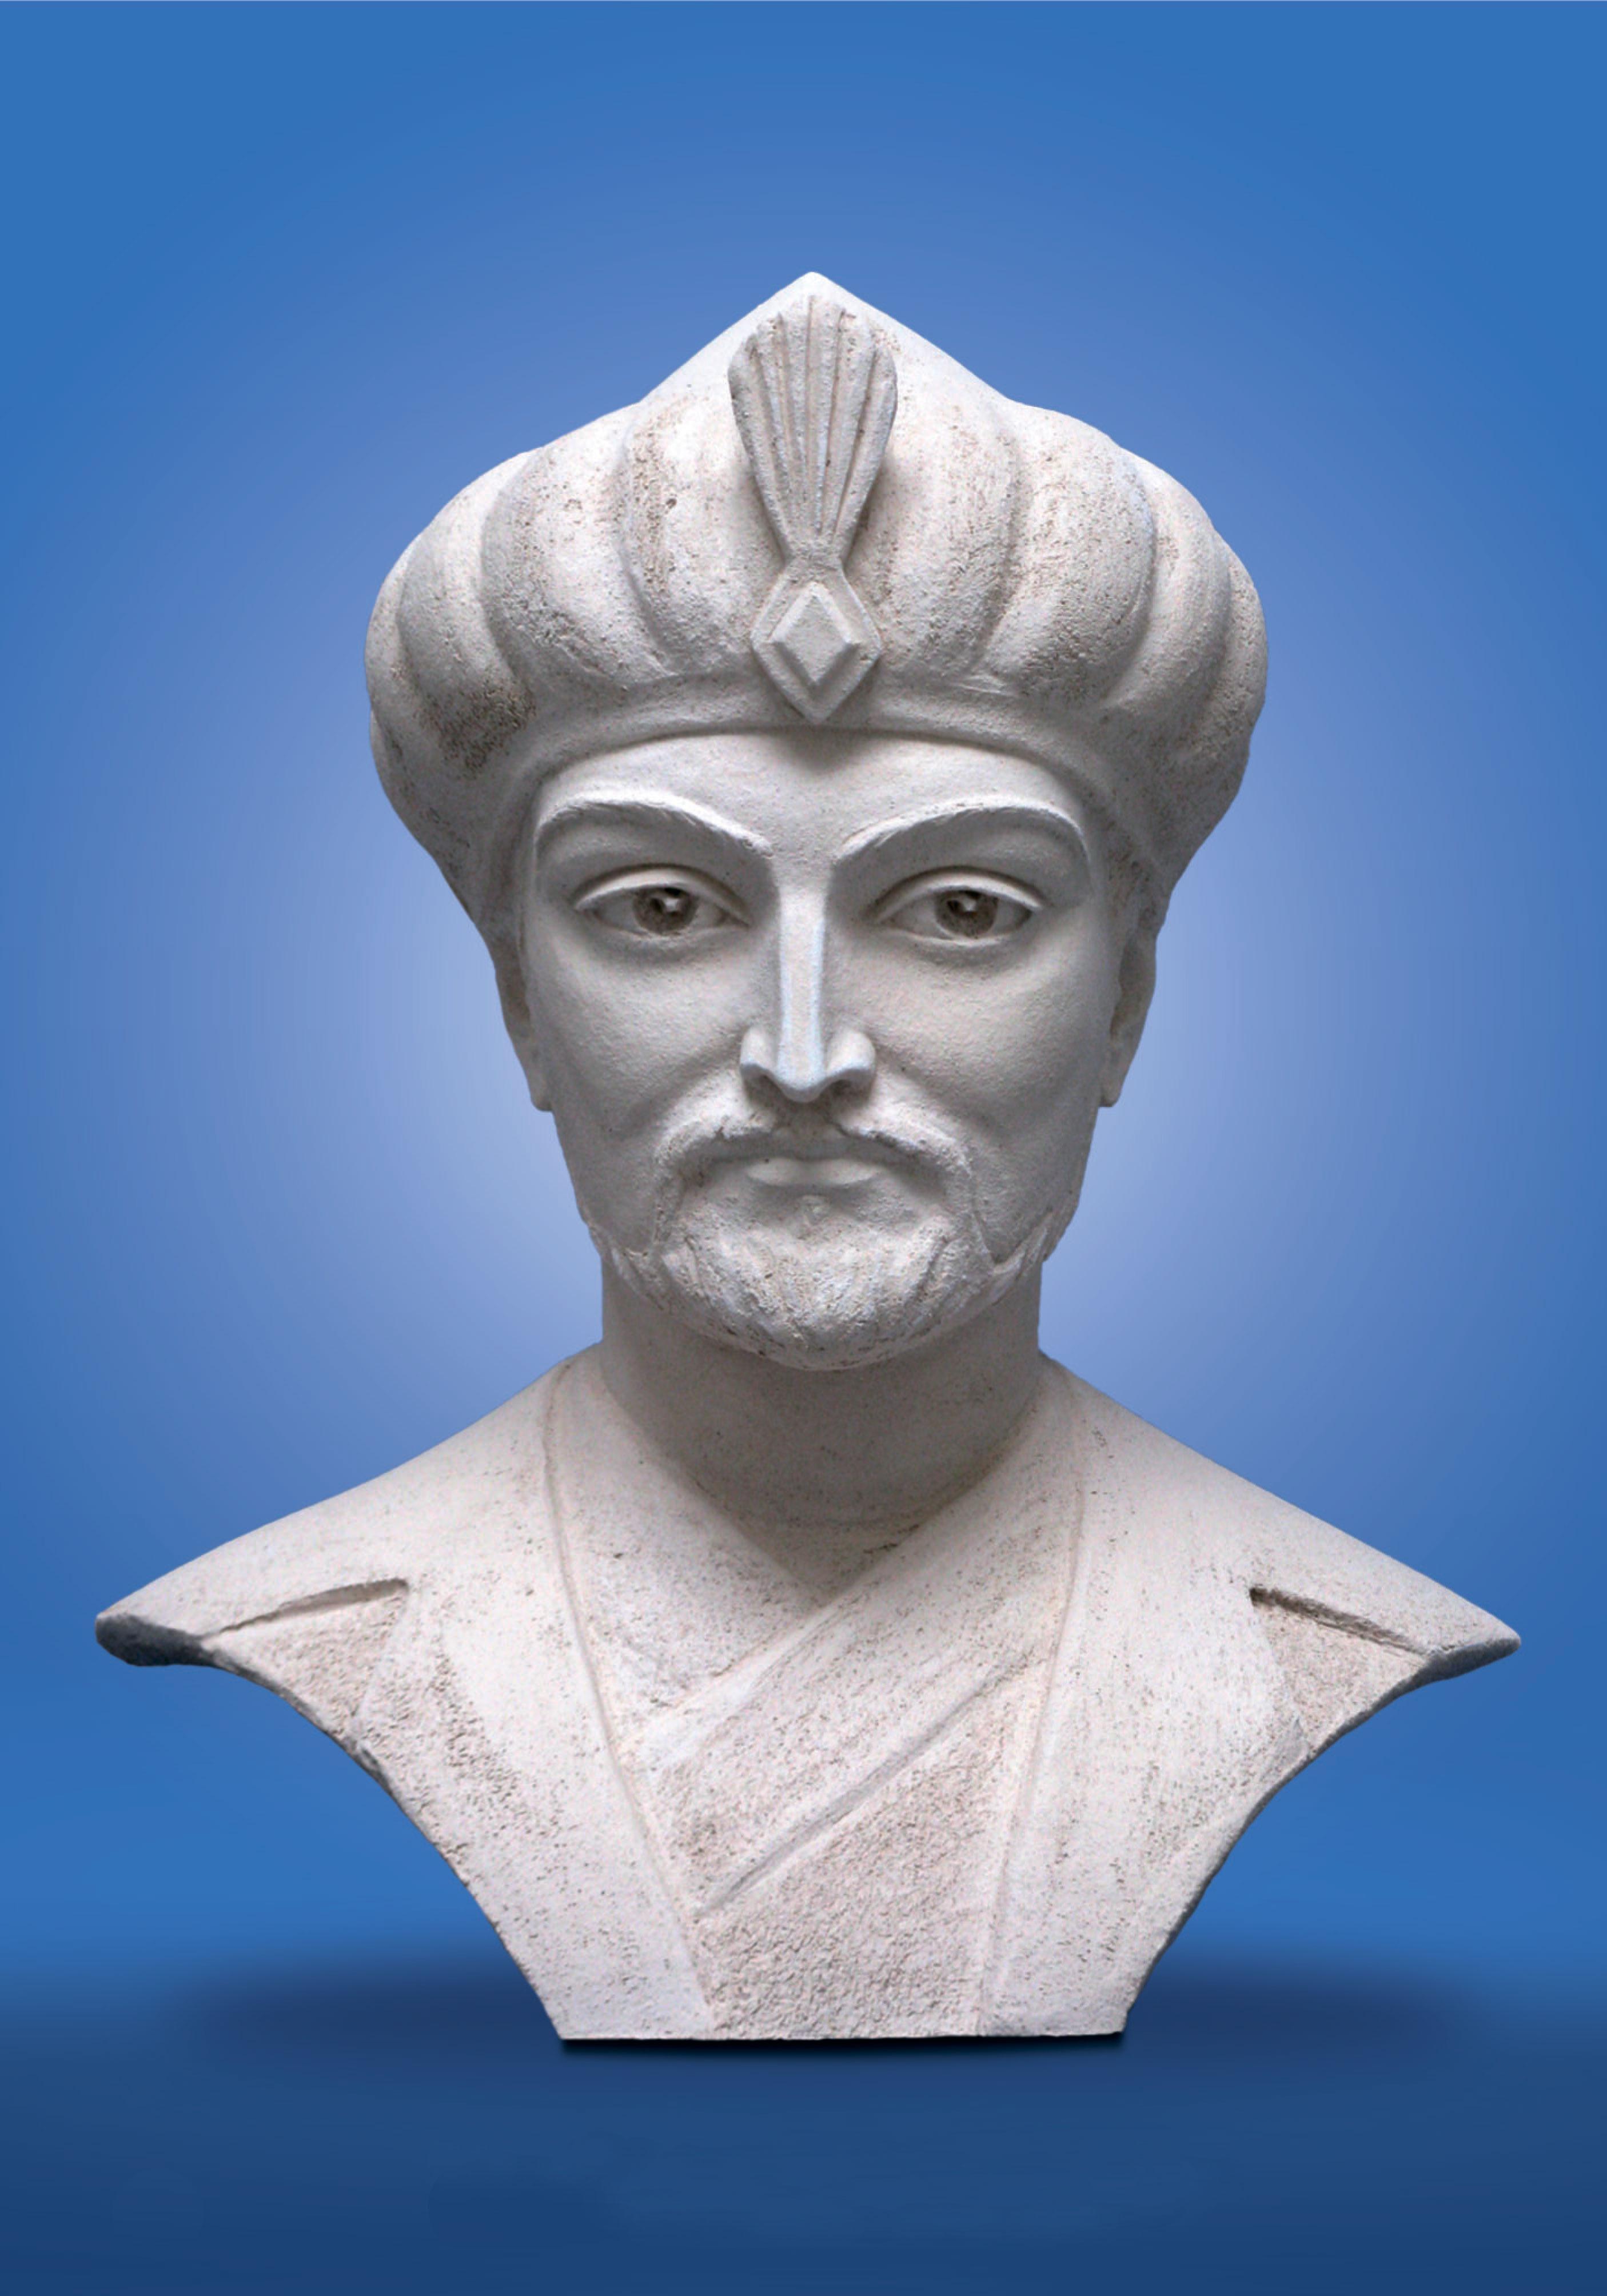 Emperor Akbar. 2009. - r¦¦¦ ¦ ta ¦t¦¦¦¬¦¬¦¦¦¬¦¦. 2009ta. ti¦ ¦ ¦ tv